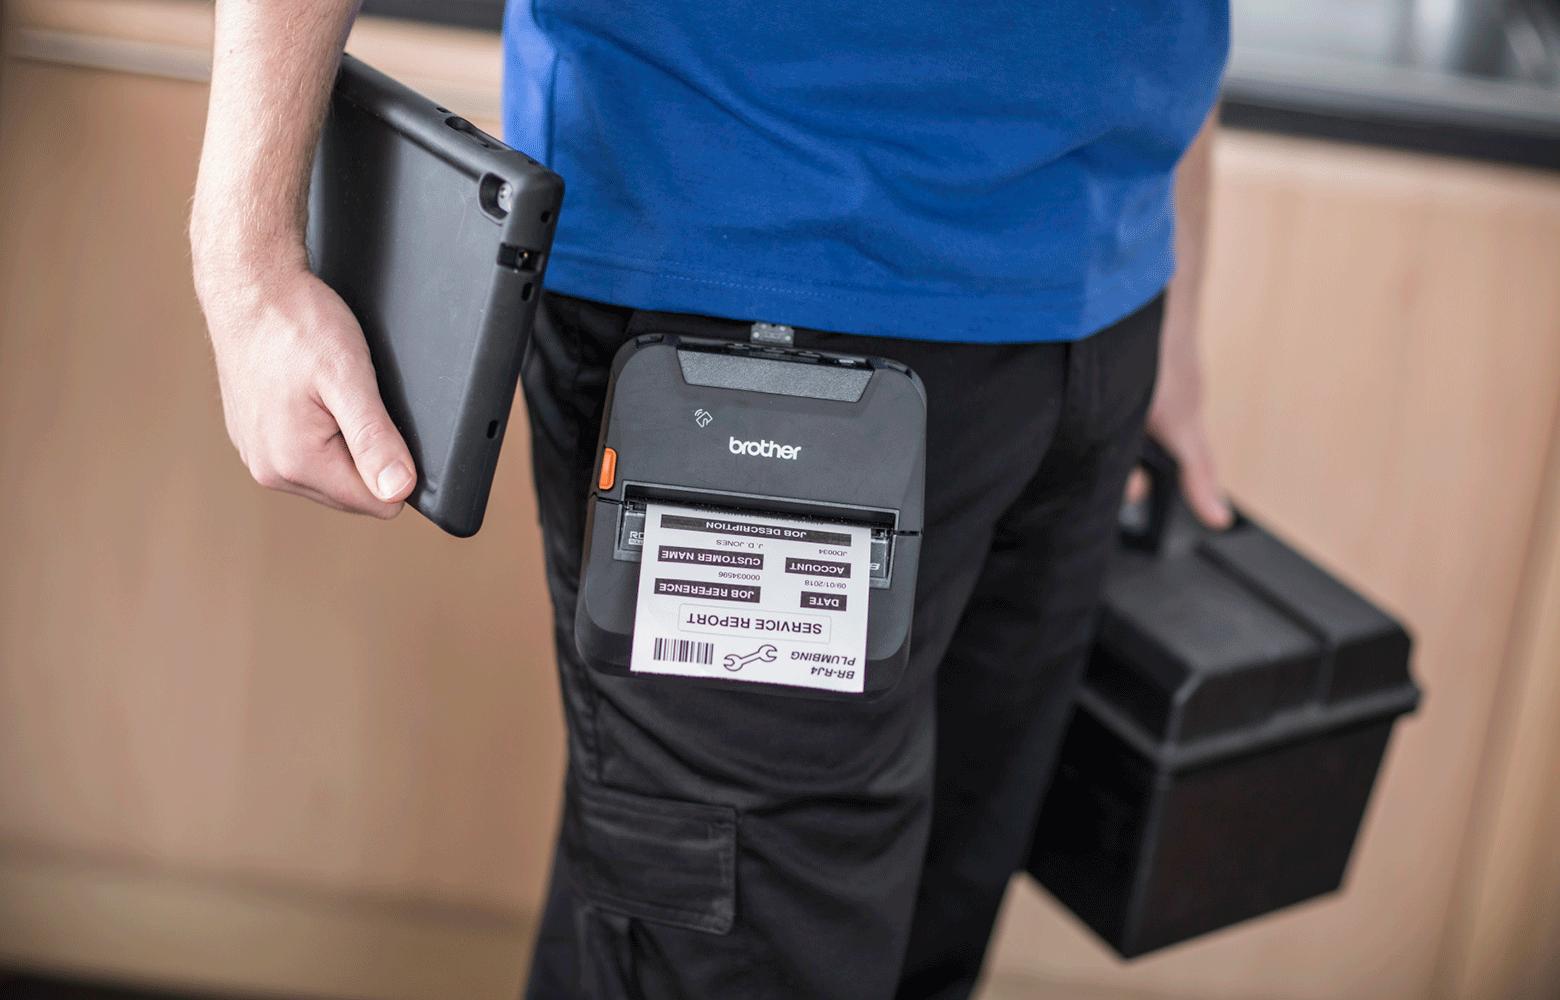 Tecnico assistenza con cassetta attrezzi, tablet e stampante RJ